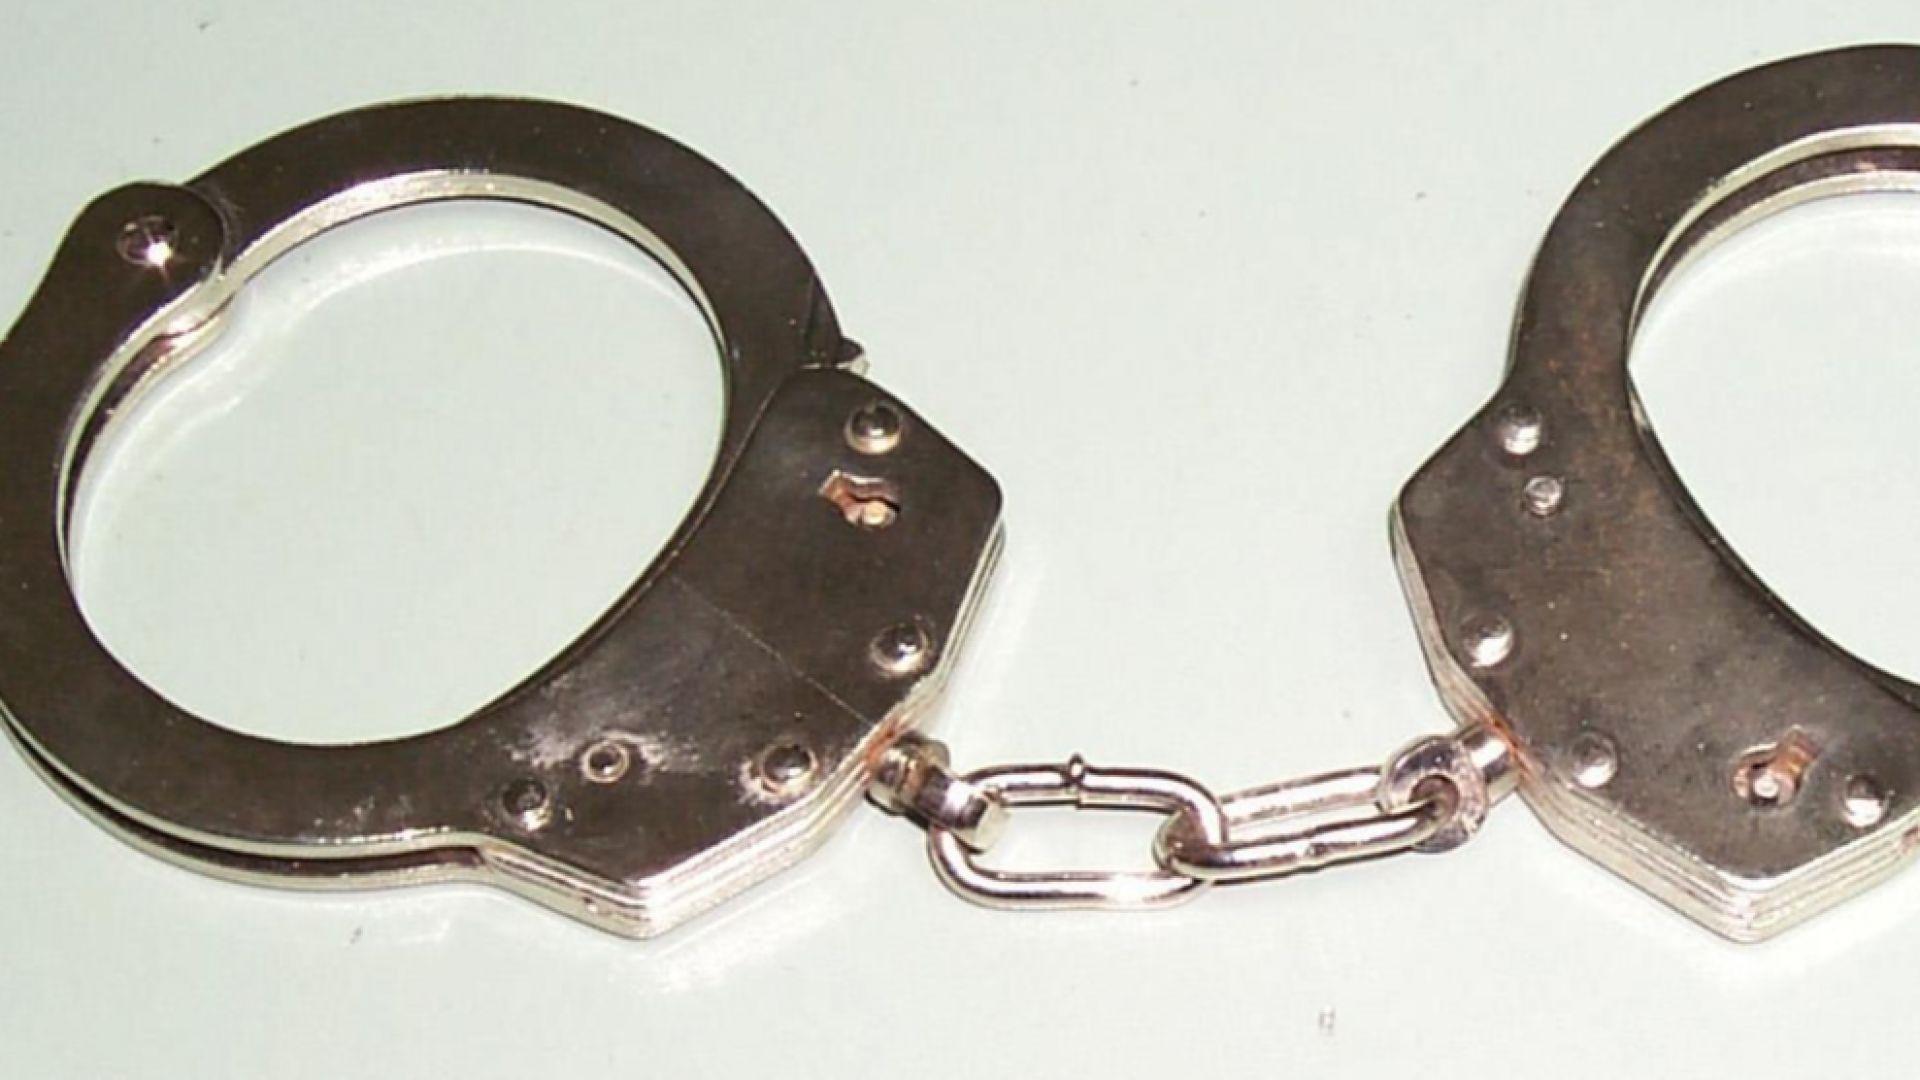 Двама журналисти и адвокат са арестувани в Радомир по време на журналистическо разследване